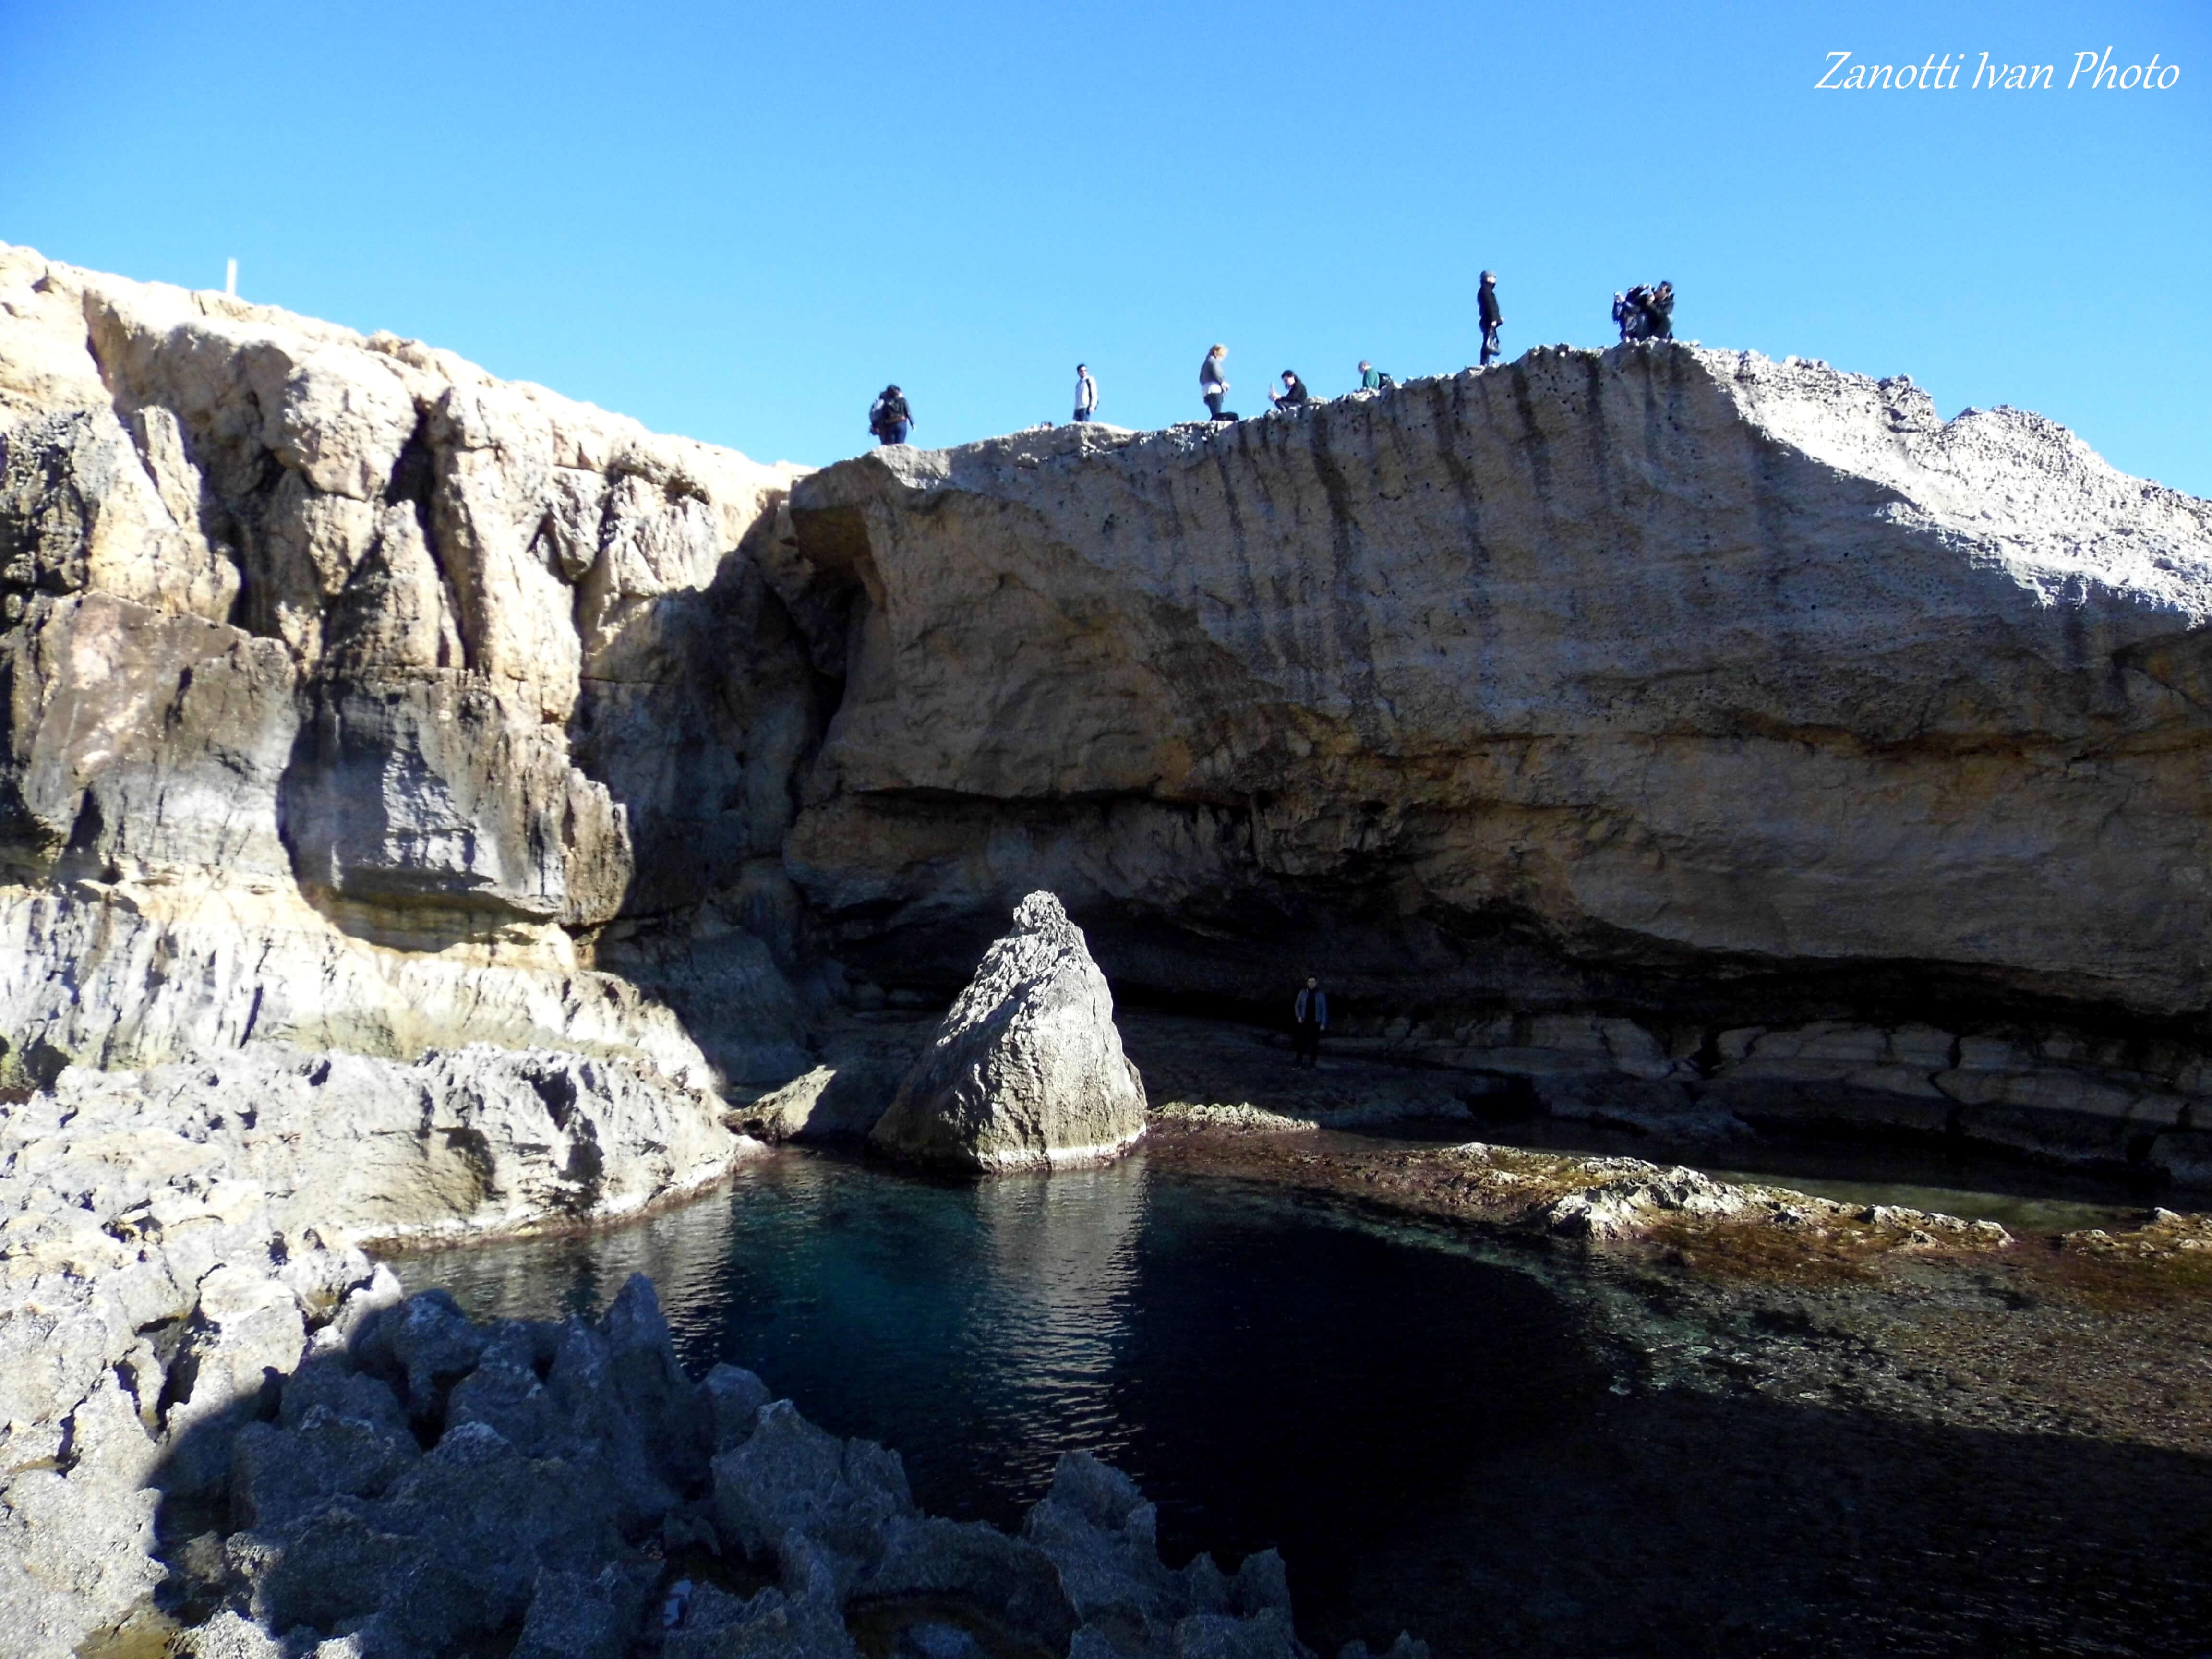 L'itinéraire sur l'île de Gozo, figurant parmi les meilleures randonnées à faire à Malte, permet de contempler l'horizon et la mer scintillante.